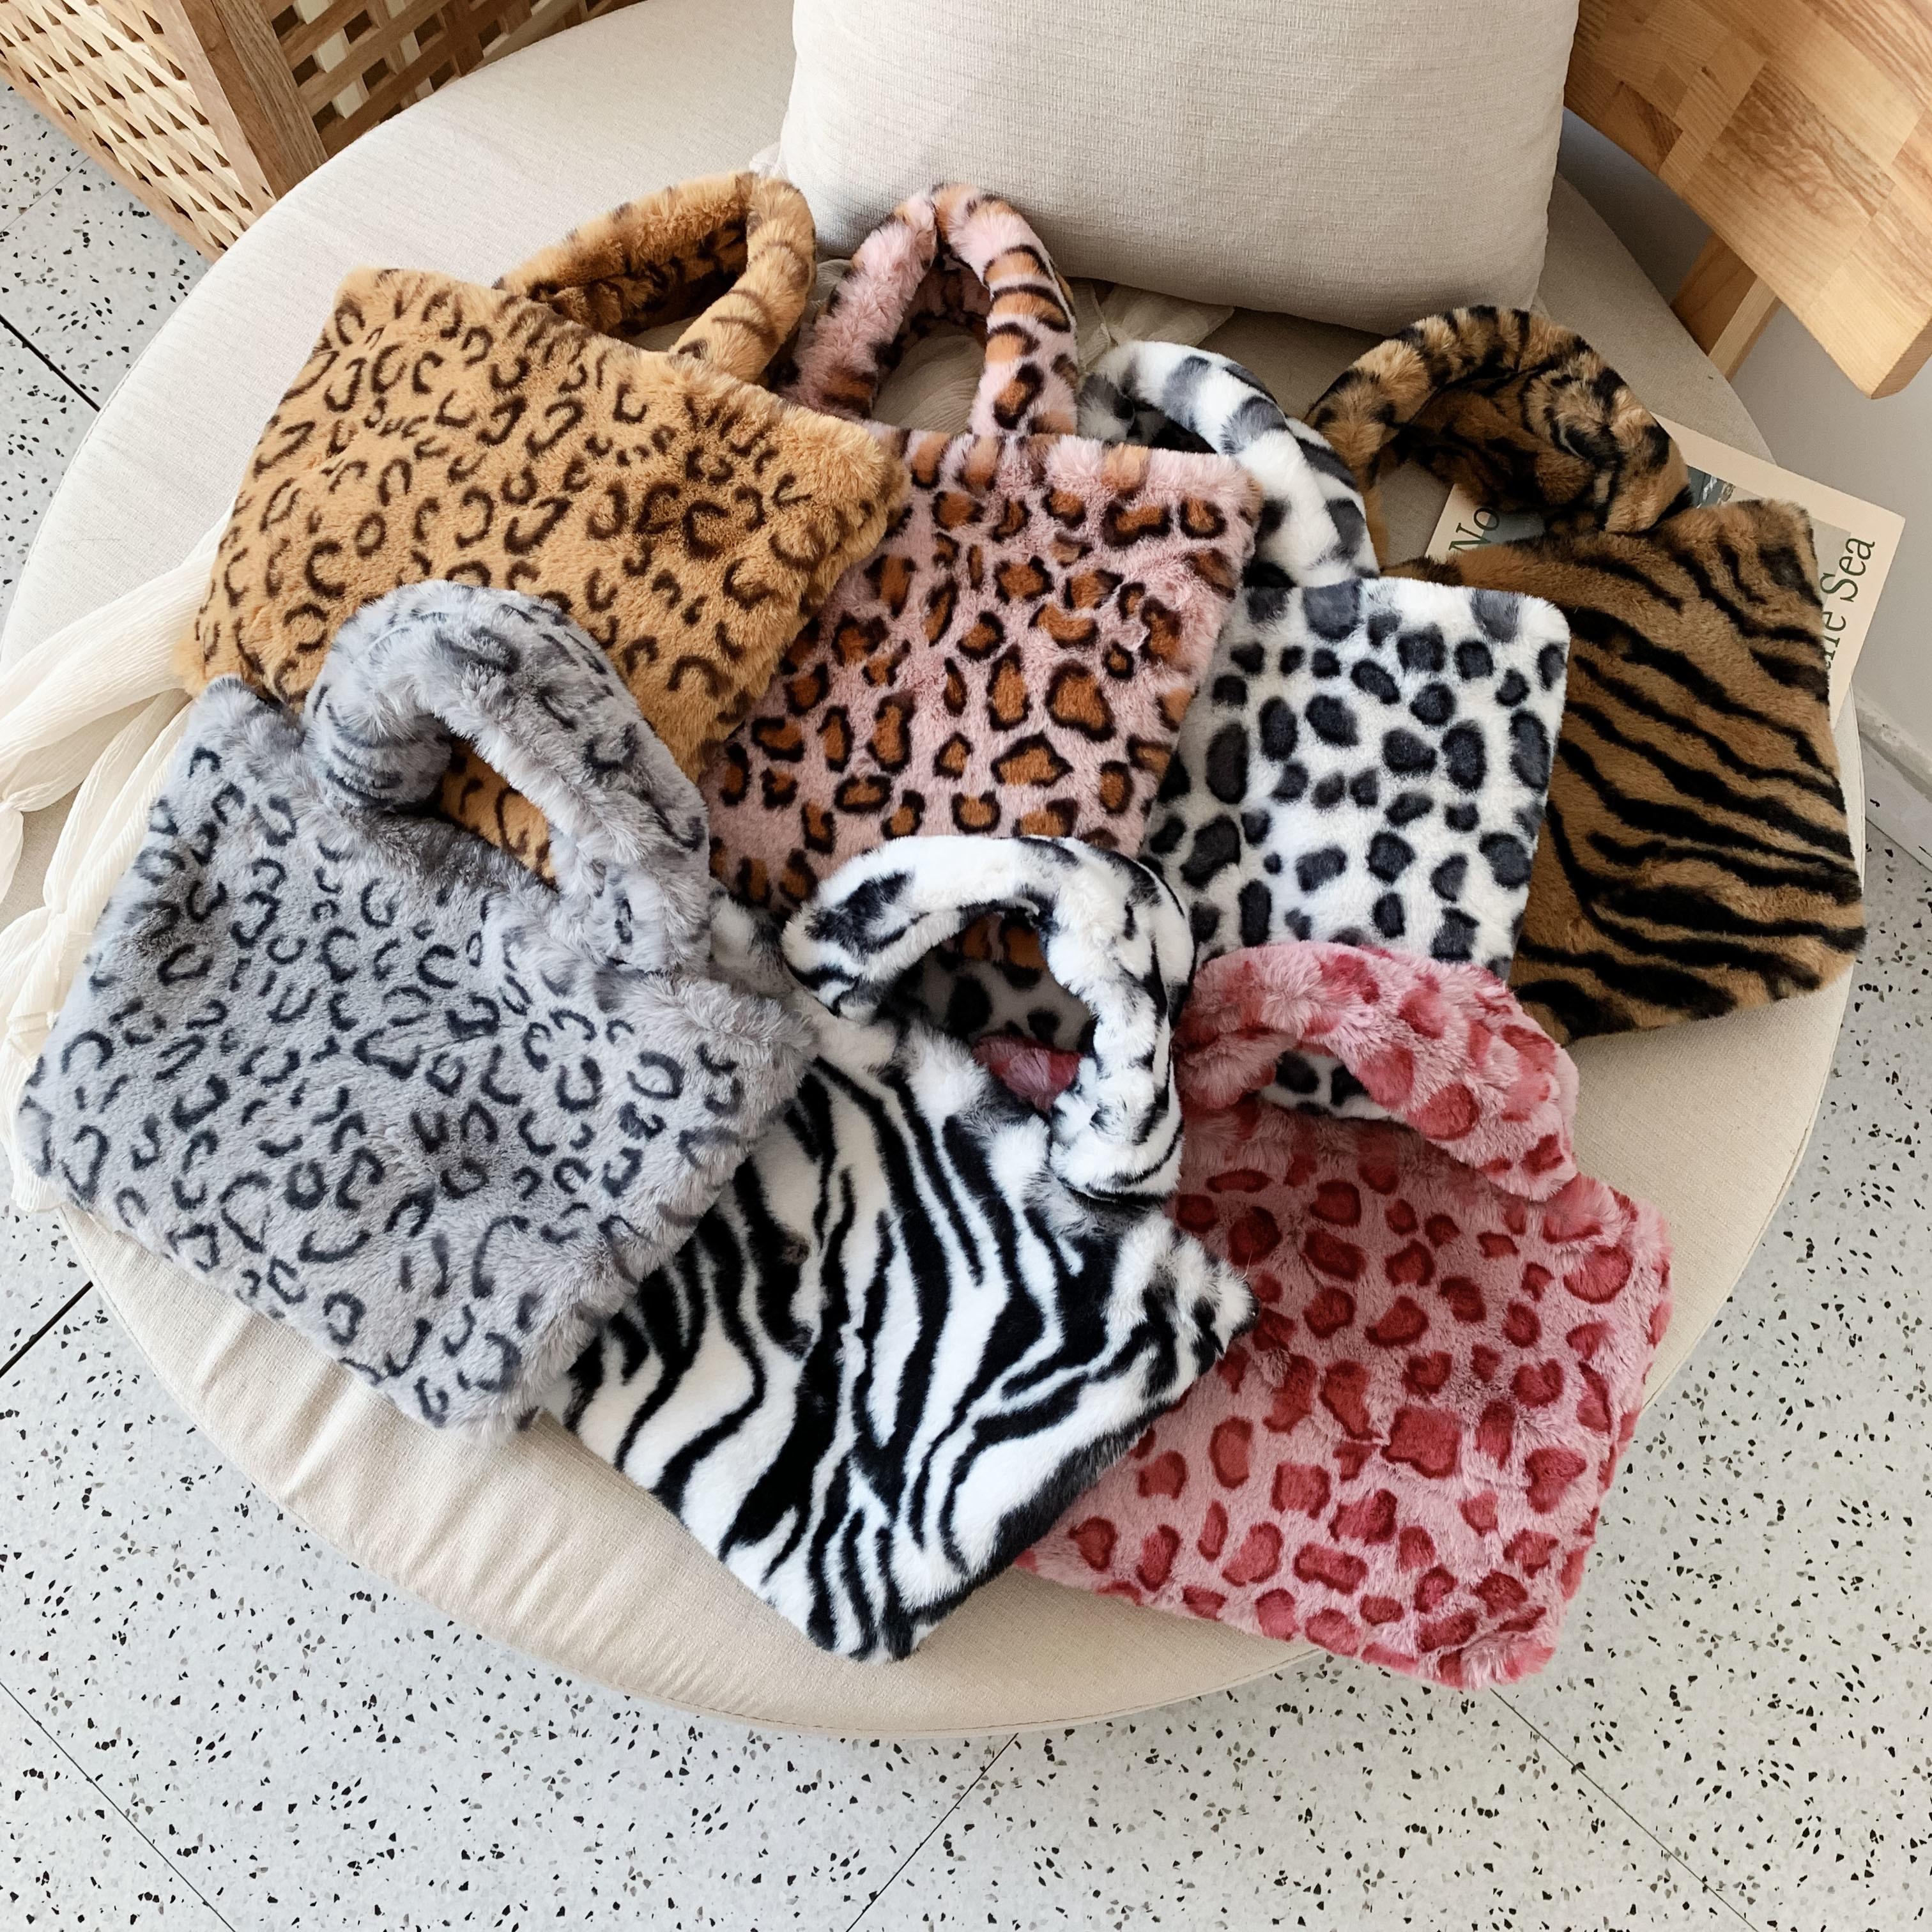 Musim sejuk fesyen baru beg sandang wanita leopard wanita rantai beg - Beg tangan - Foto 1